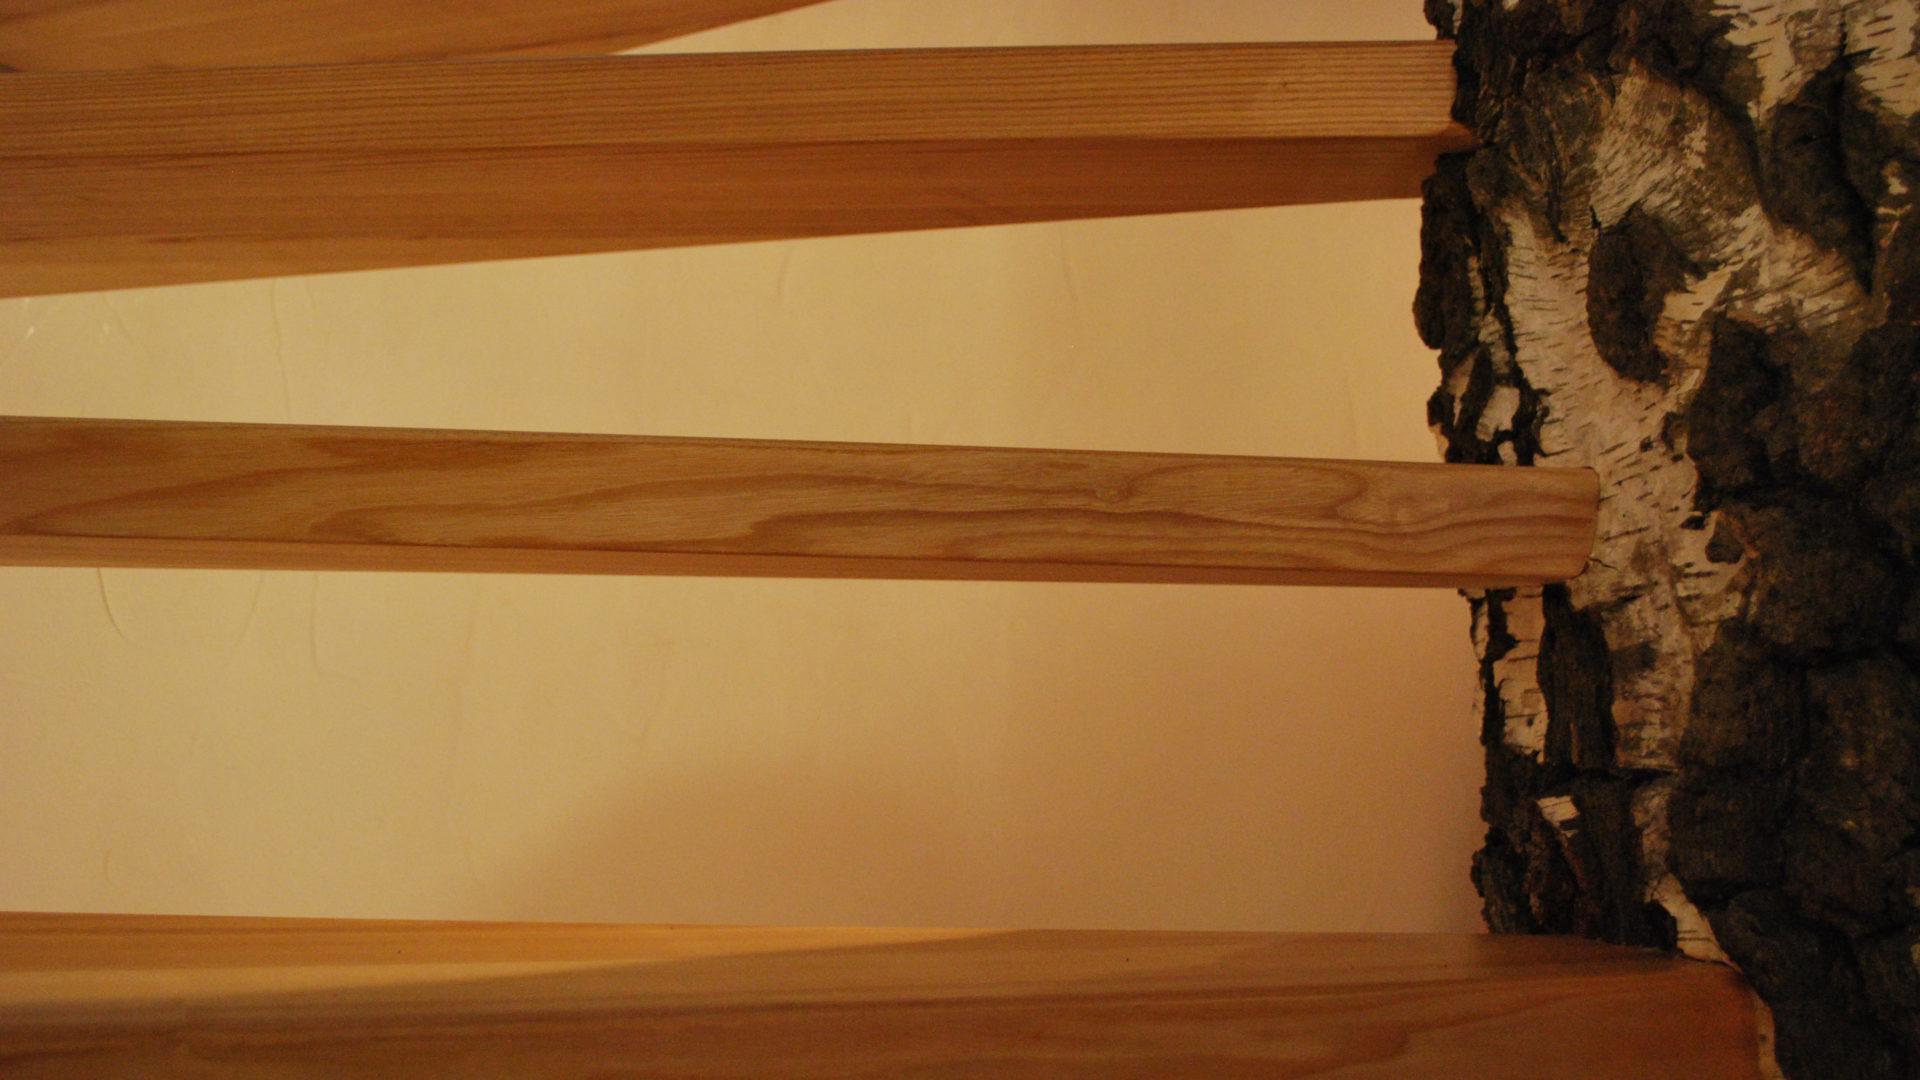 Detailansicht einer Wendeltreppe, die sich um einen noch ganzen Baumstamm mit Rinde windet.